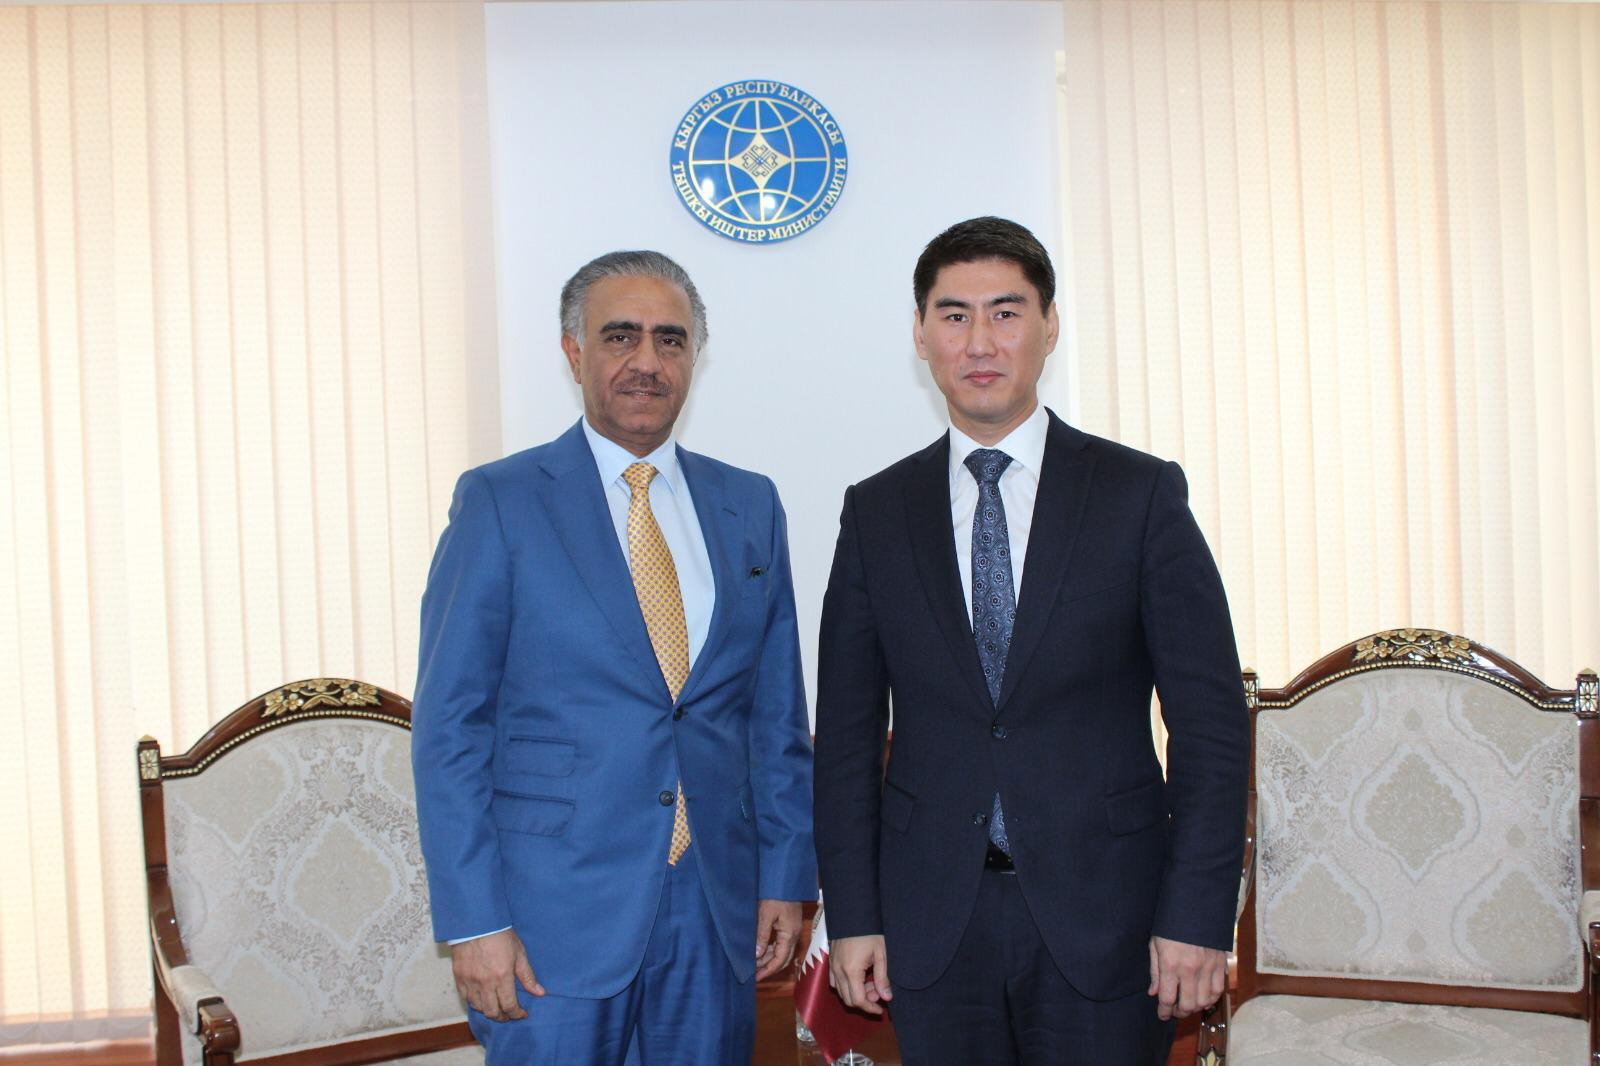 وزير خارجية جمهورية قيرغيزيا يجتمع مع سفير دولة قطر